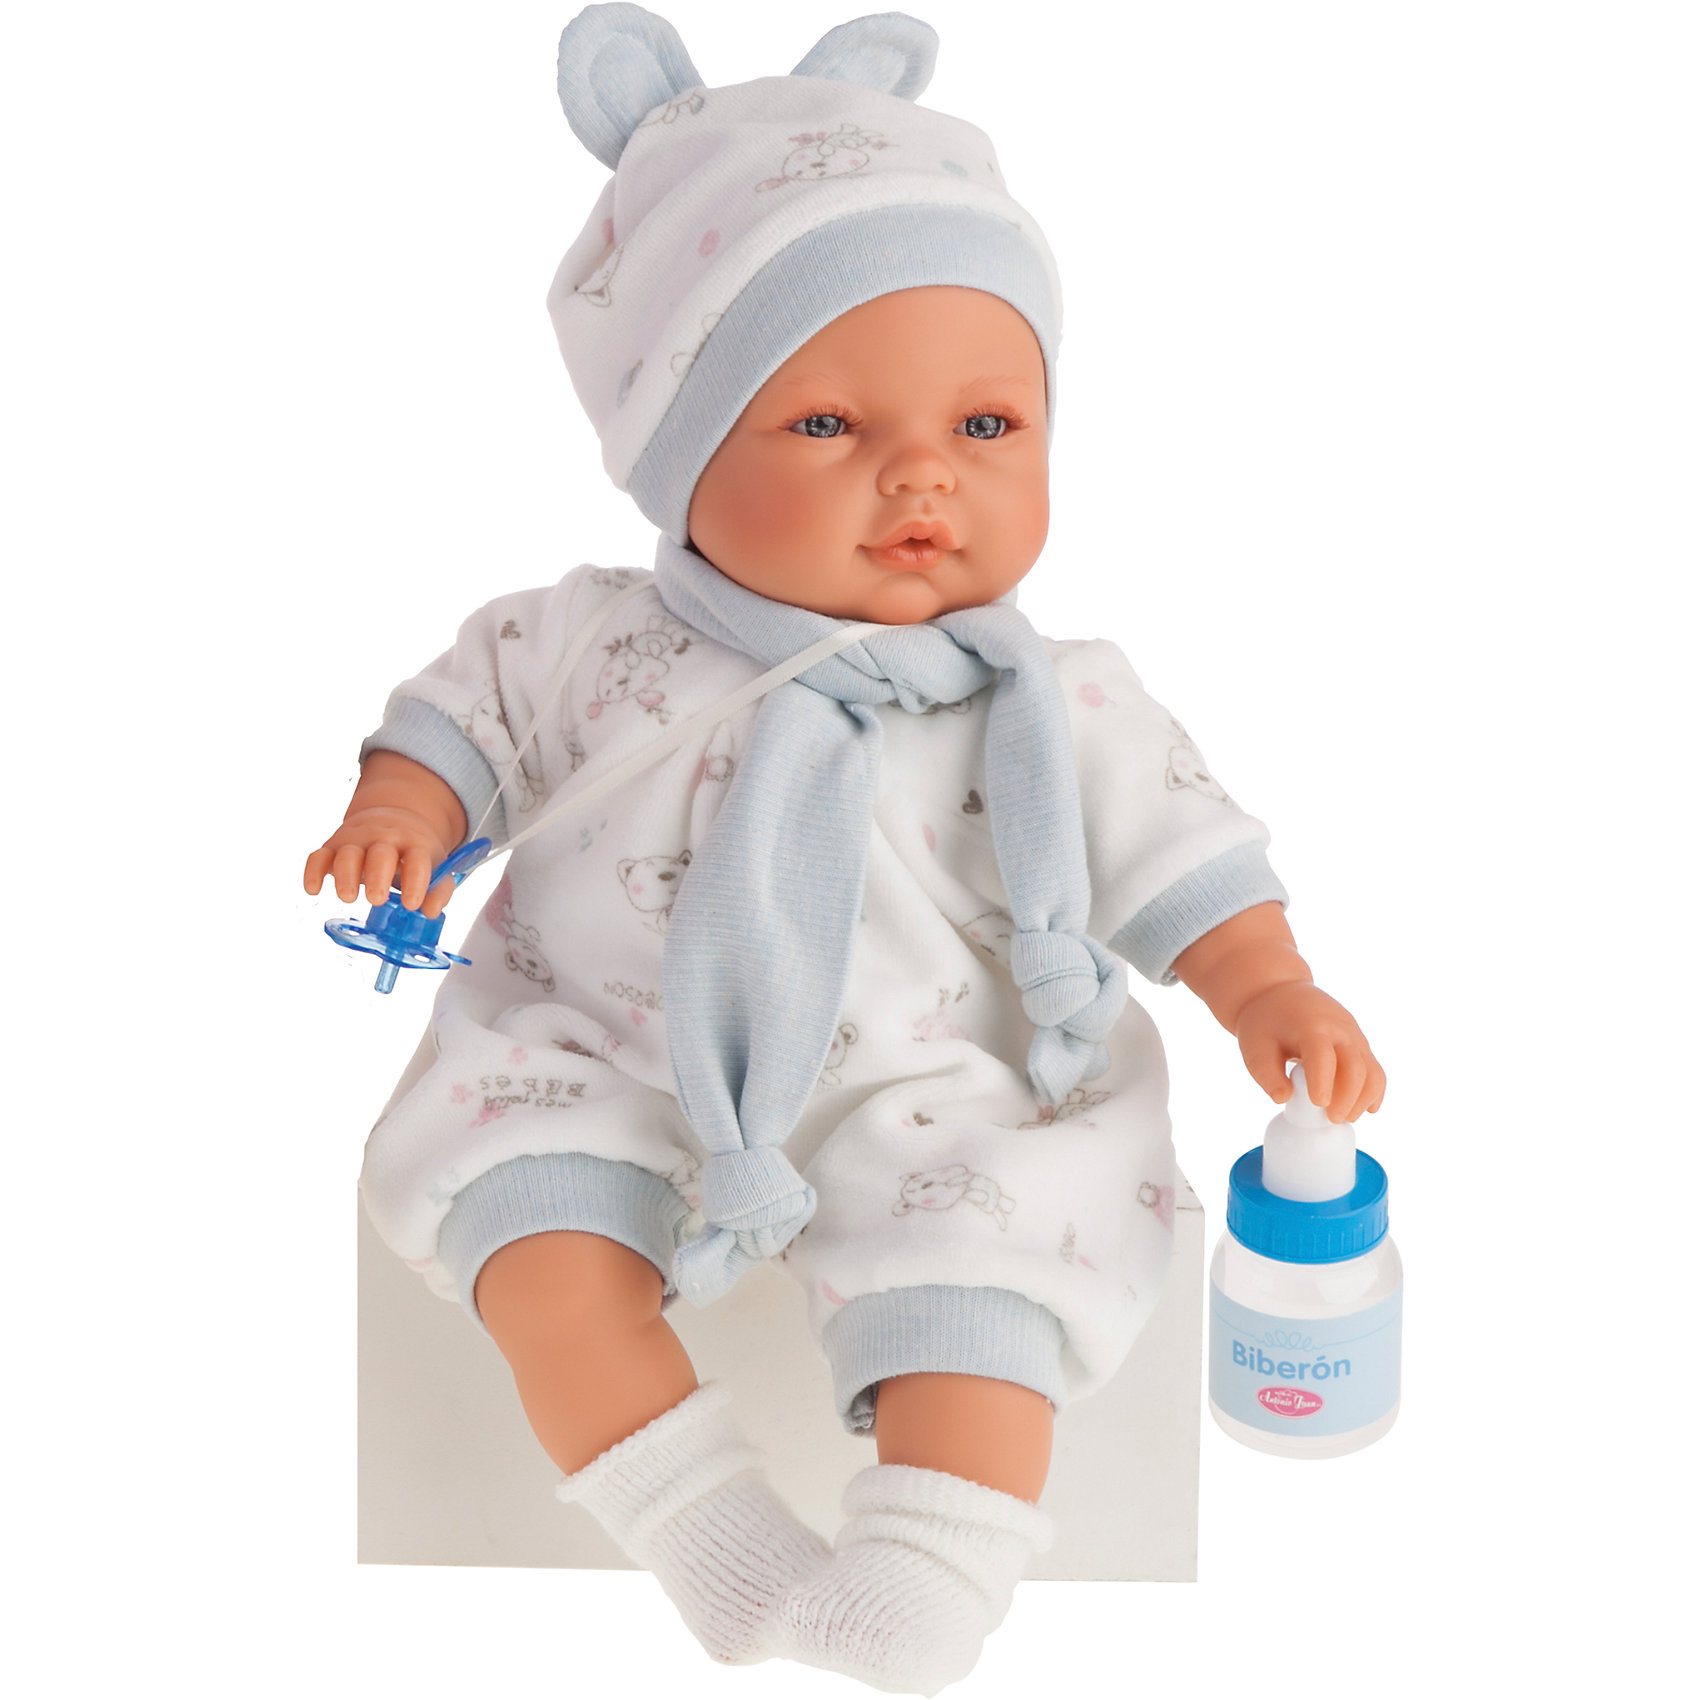 Кукла София в голубом, 37см, Munecas Antonio JuanБренды кукол<br>Кукла София в голубом, 37 см, Munecas Antonio Juan (Мунекас от Антонио Хуан) ? это очаровательная малышка от всемирно известного испанского бренда Мунекас от Антонио Хуан, который знаменит своими реалистичными куклами. Кукла изготовлена из винила высшего качества,  ручки и ножки подвижны, глазки не закрываются. <br>Выразительный взгляд голубых глазах, нежные черты лица, розовые щечки, пухленькие губкеи и курносый носик ? малышка София очарует даже самую взыскательную девочку!<br>Кукла София в голубом, 37 см, Munecas Antonio Juan (Мунекас от Антонио Хуан) разработана с учетом анатомических особенностей и мимики младенцев. Играя с Софией, ваш ребенок реалистично проживает роль «мамы», учится ухаживать за малышом, заботиться о нем.<br>В комплекте с куклой идет соска и бутылочка. Если соску достать из ротика, София начинает плакать, успокаивается она, когда соску возвращают обратно в ротик. <br>Одежда куклы разработана современными европейскими дизайнерами: нежный комбинезон с голубыми манжетами, шапочка с ушками и белые носочки. Вокруг шеи повязан голубой шарфик. Весь комплект одежды и его продуманные детали направлены на то, чтобы способствовать формированию чувства стиля и вкуса в одежде у вашей девочки.<br>Куклы JUAN ANTONIO munecas (Мунекас от Антонио Хуан) ? мечта девочки любого возраста!<br><br>Дополнительная информация:<br><br>- Вид игр: сюжетно-ролевые игры <br>- Дополнительные функции: плачет<br>- Комплектация: кукла, соска, бутылочка<br>- Материал: пластик, винил, текстиль<br>- Высота куклы: 37 см<br>- Вес: 6 кг 120 г<br>- Батарейки: 3 шт. АА<br>- Особенности ухода: одежда ? ручная стирка <br><br>Подробнее:<br><br>• Для детей в возрасте: от 3 лет и до 6 лет<br>• Страна производитель: Испания<br>• Торговый бренд: JUAN ANTONIO munecas <br><br>Куклу Софию в голубом, 37 см, Munecas Antonio Juan  (Мунекас от Антонио Хуан) можно купить в нашем интернет-магазине.<br><br>Ширина мм: 440<br>Глубина мм: 24